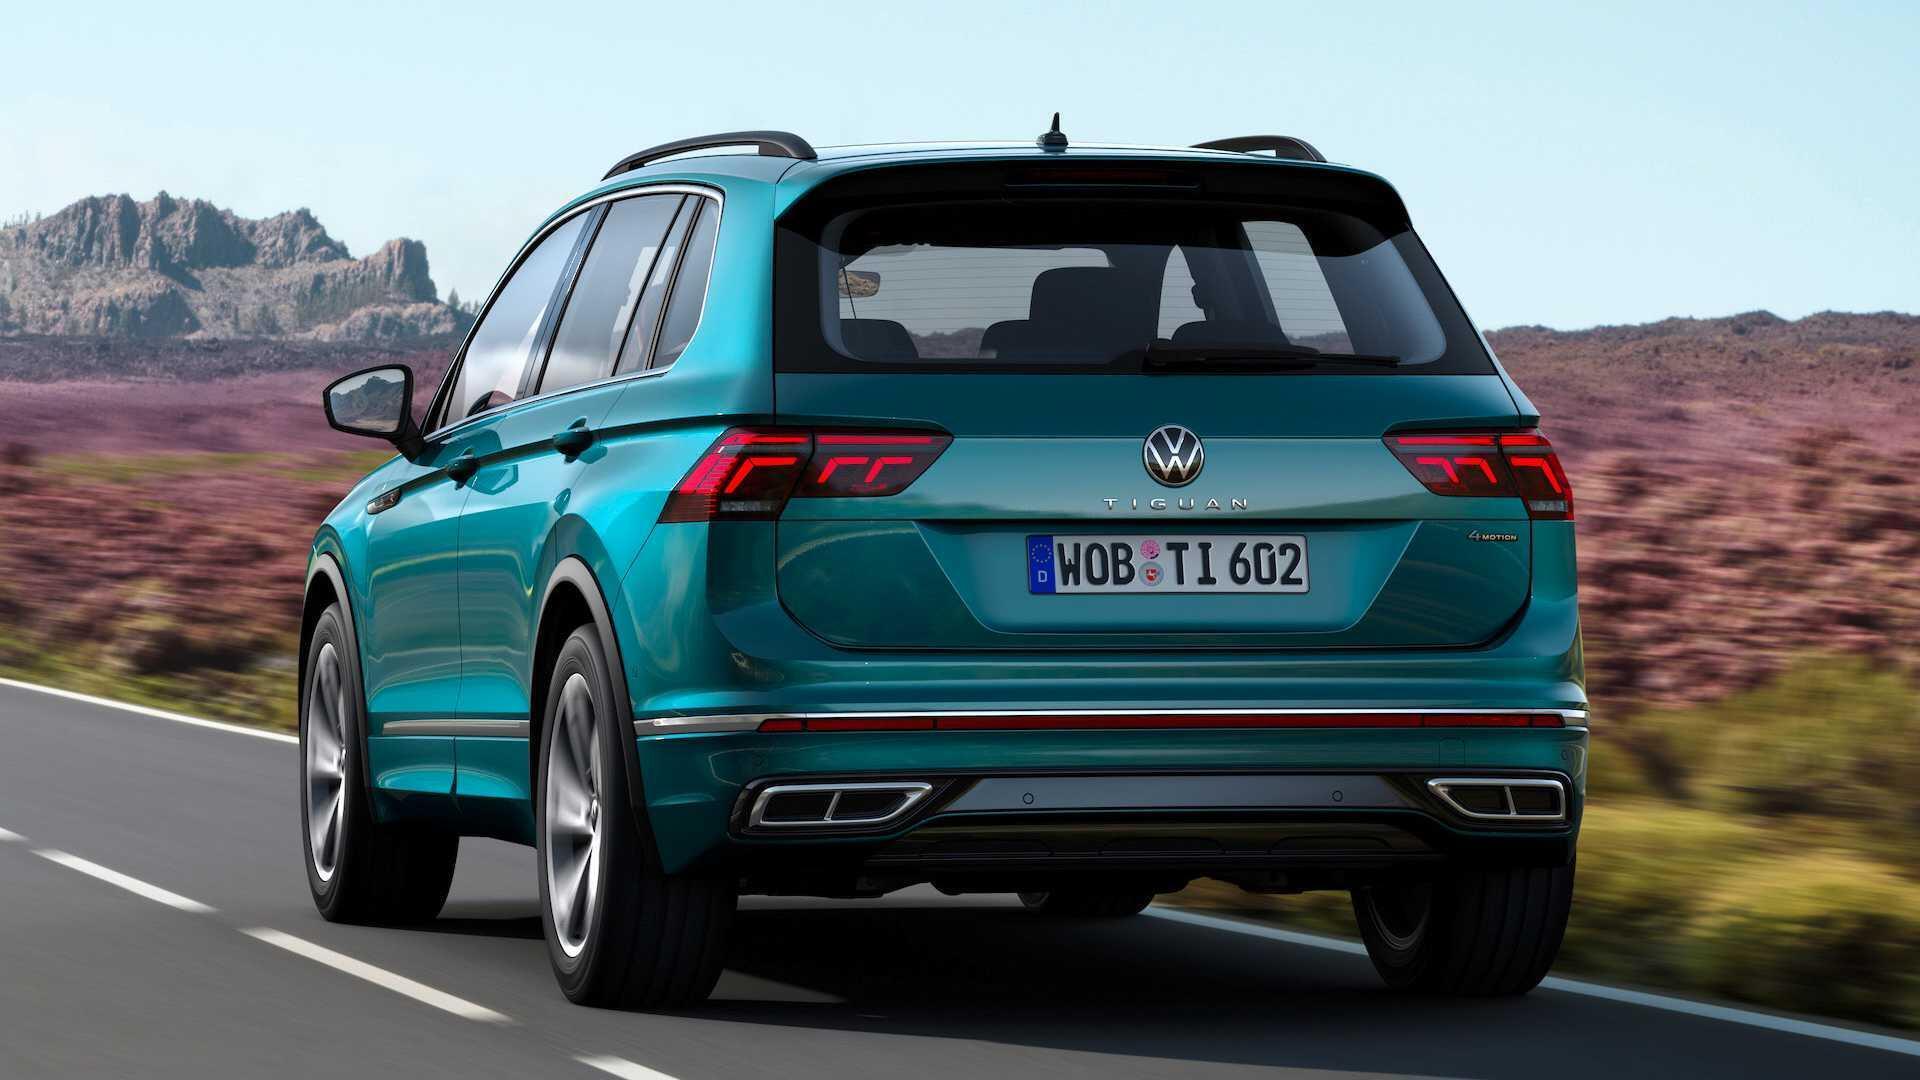 volkswagen-tiguan-2021-ra-mat-voi-thiet-ke-hap-dan-hon